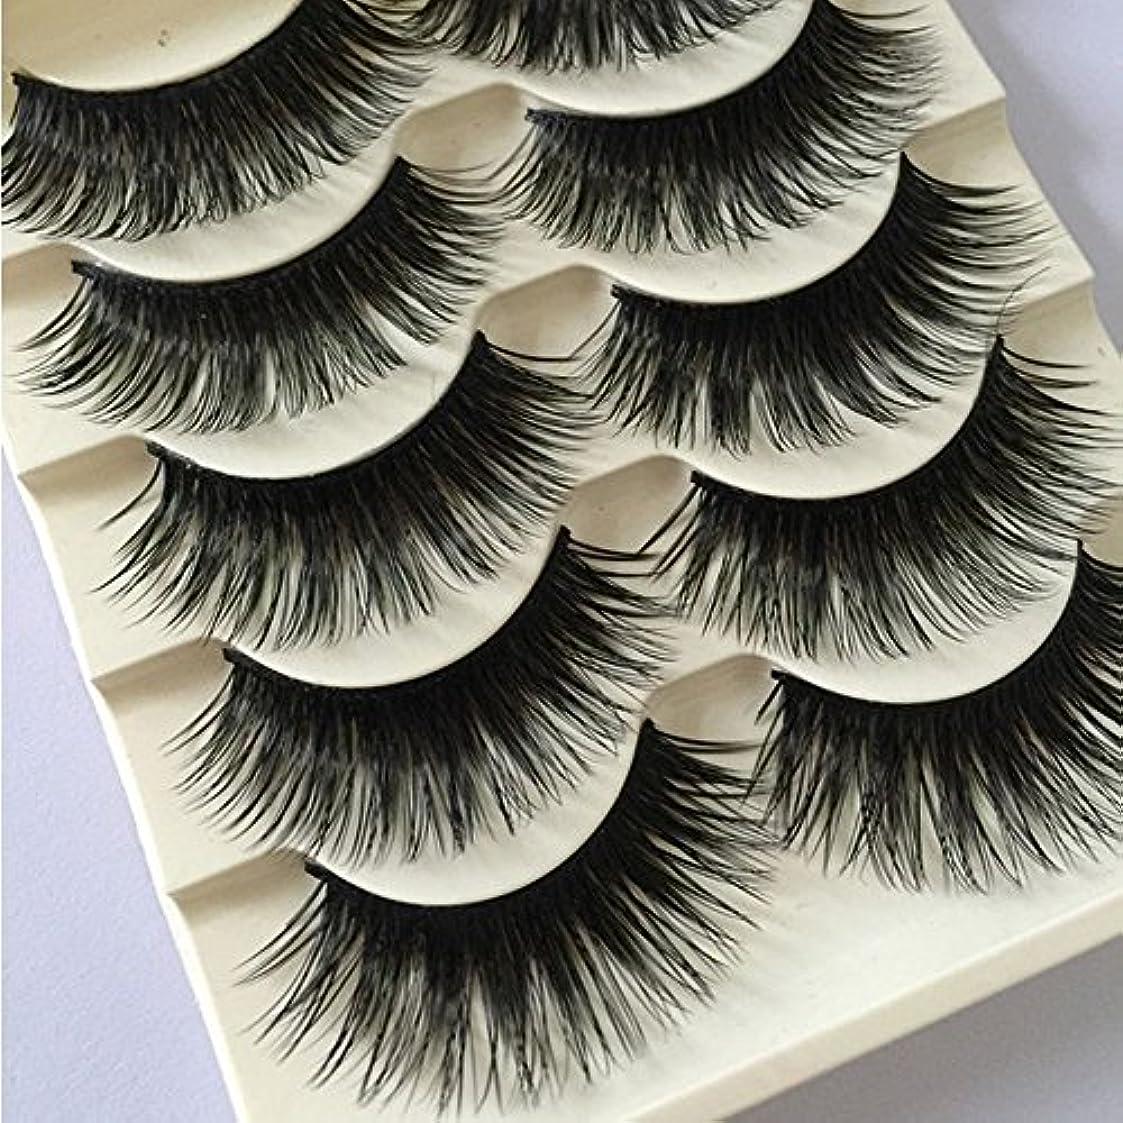 受粉者ぴったりキャリッジ5 Pairs Women Fashion Natural Long Fake Eye Lashes Handmade Thick False Eyelashes Black Makeup Tool New